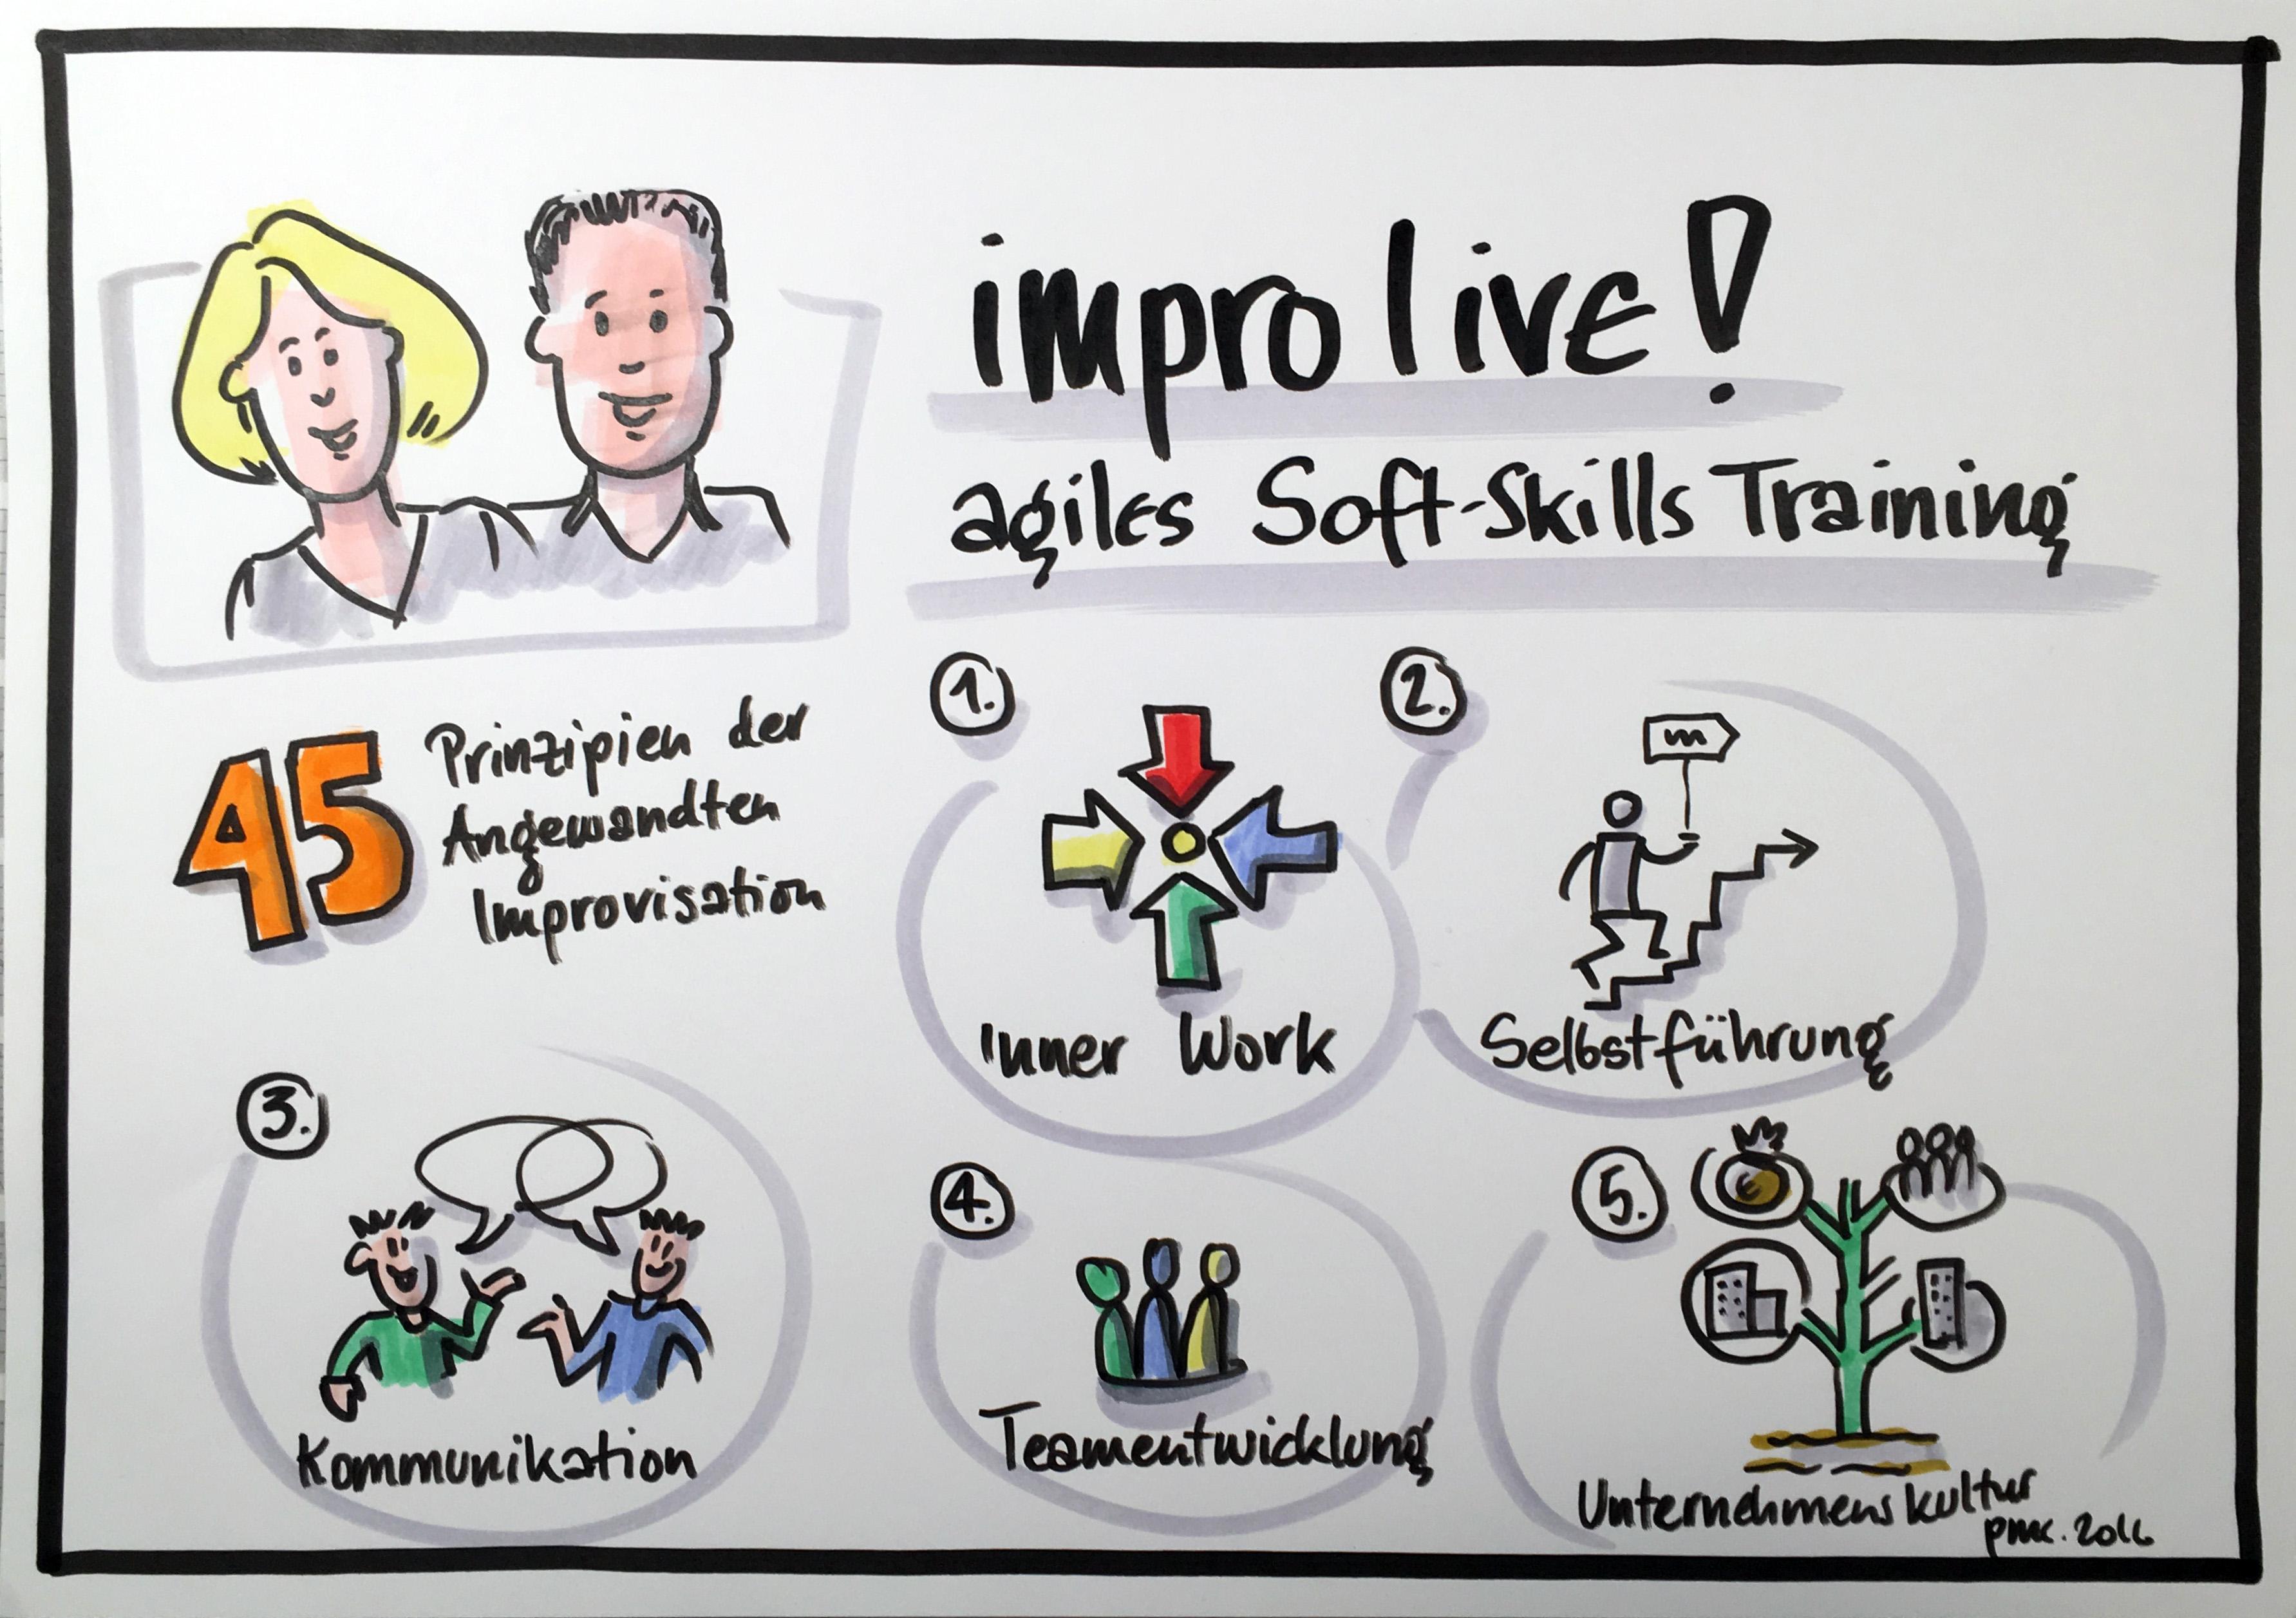 Agile Tools_Innovations-Symposium_2016_C13.1